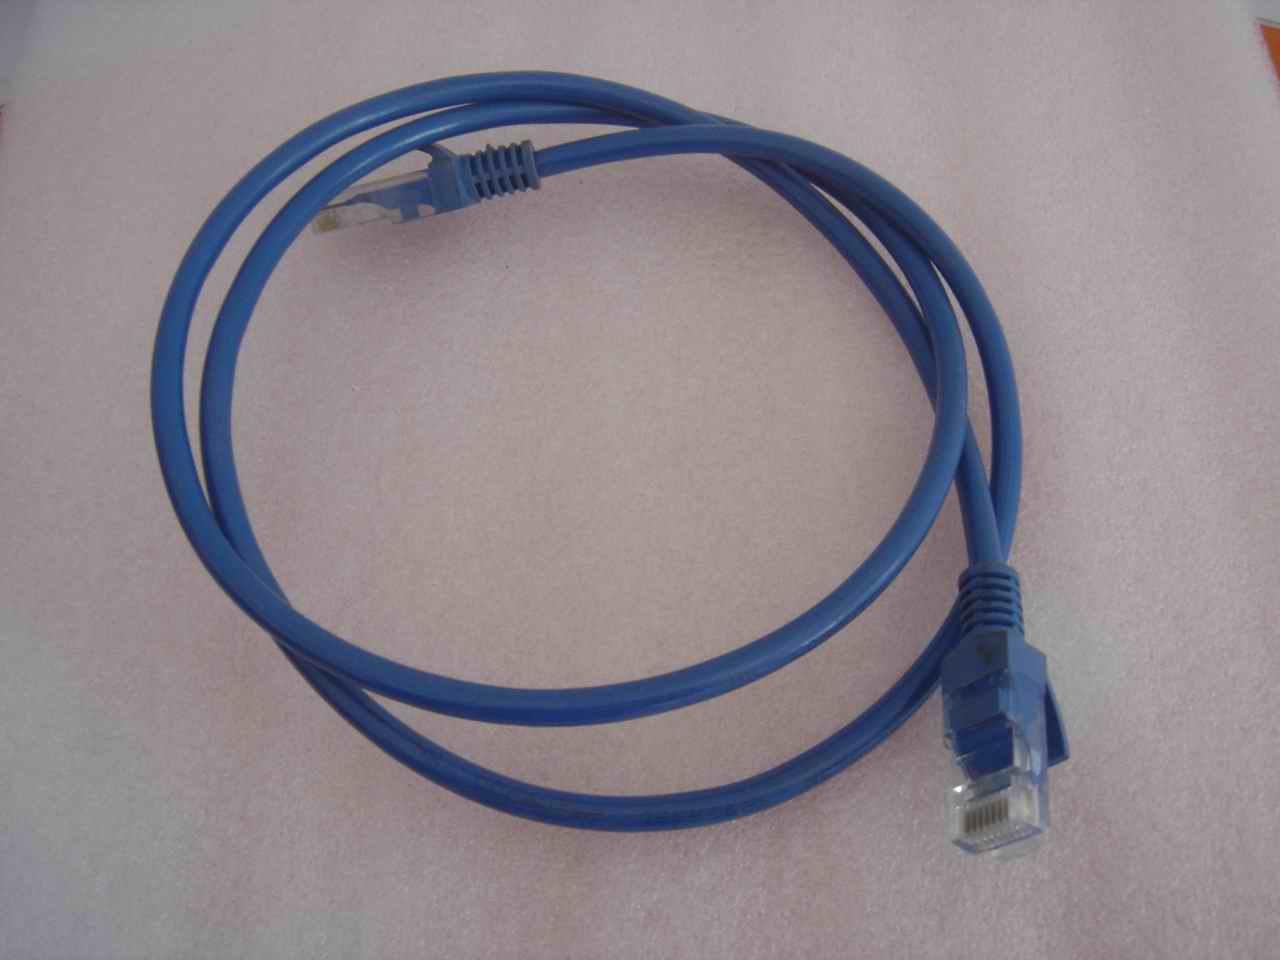 商品详情:网络连接线,规格有1米,3米,5米,15米,已经制作好了水晶头